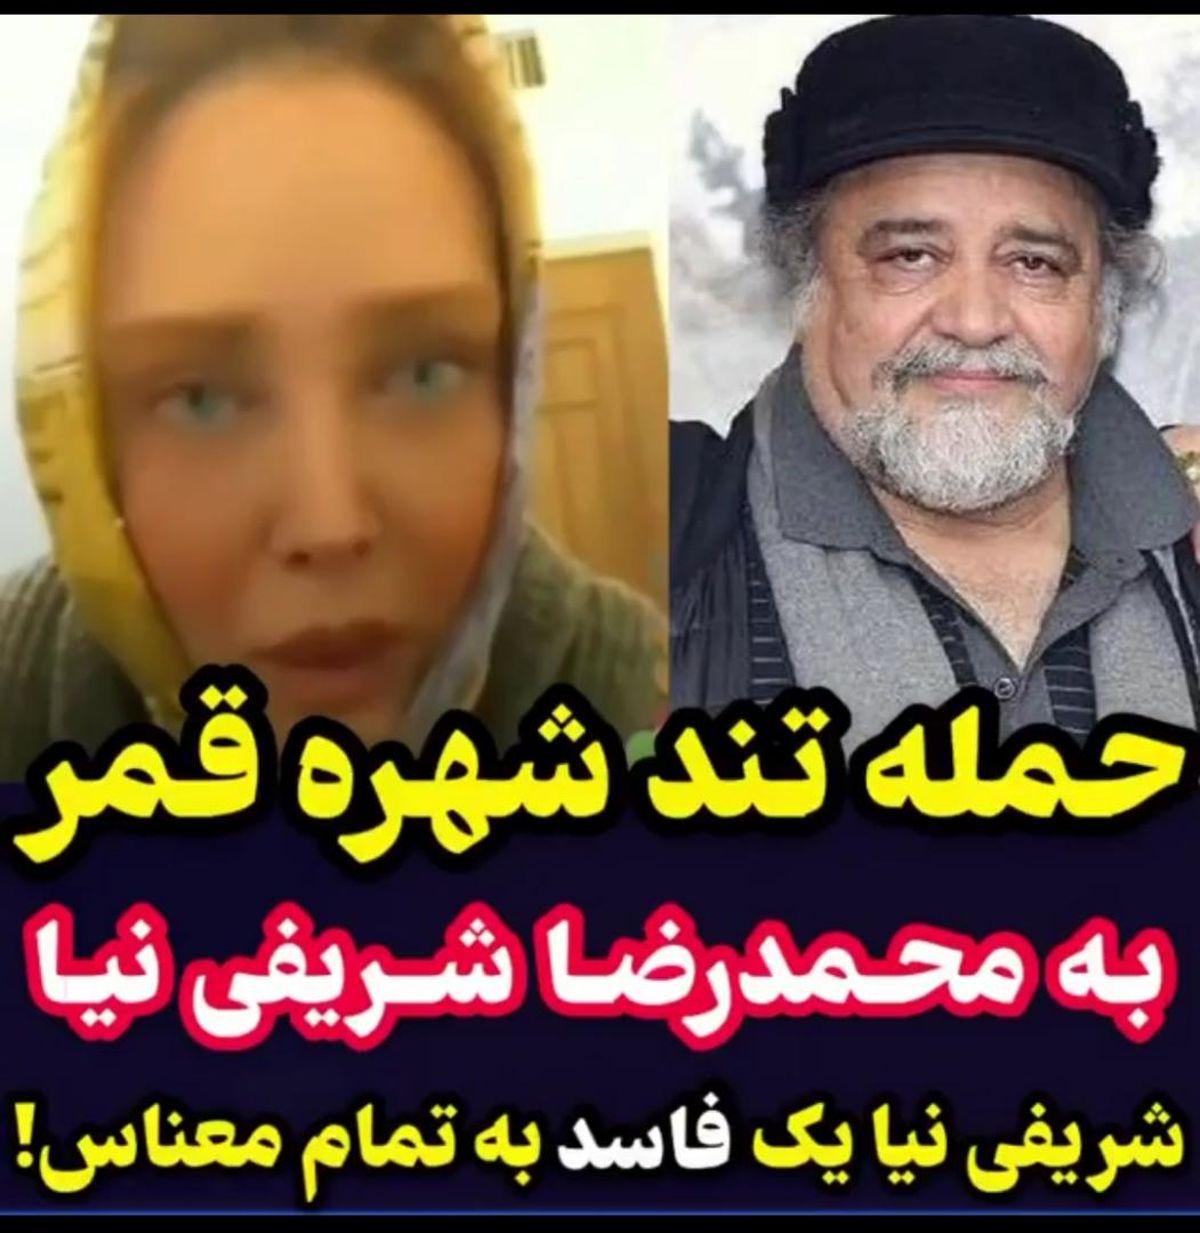 شهره قمر فساد محمدرضا شریفی نیا را فاش کرد + فیلم لورفته